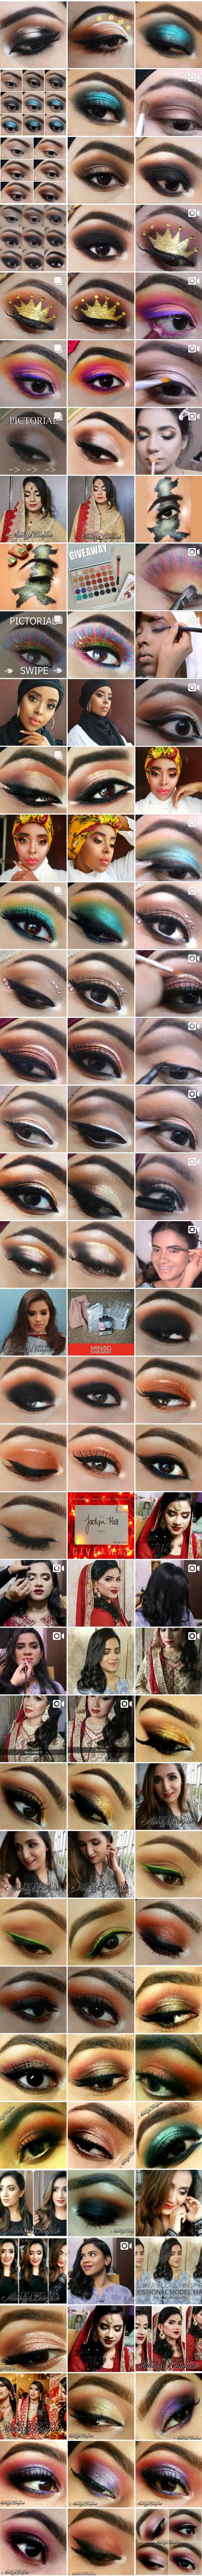 screenshot_2019-01-13-21-53-01-748_com.instagram.android